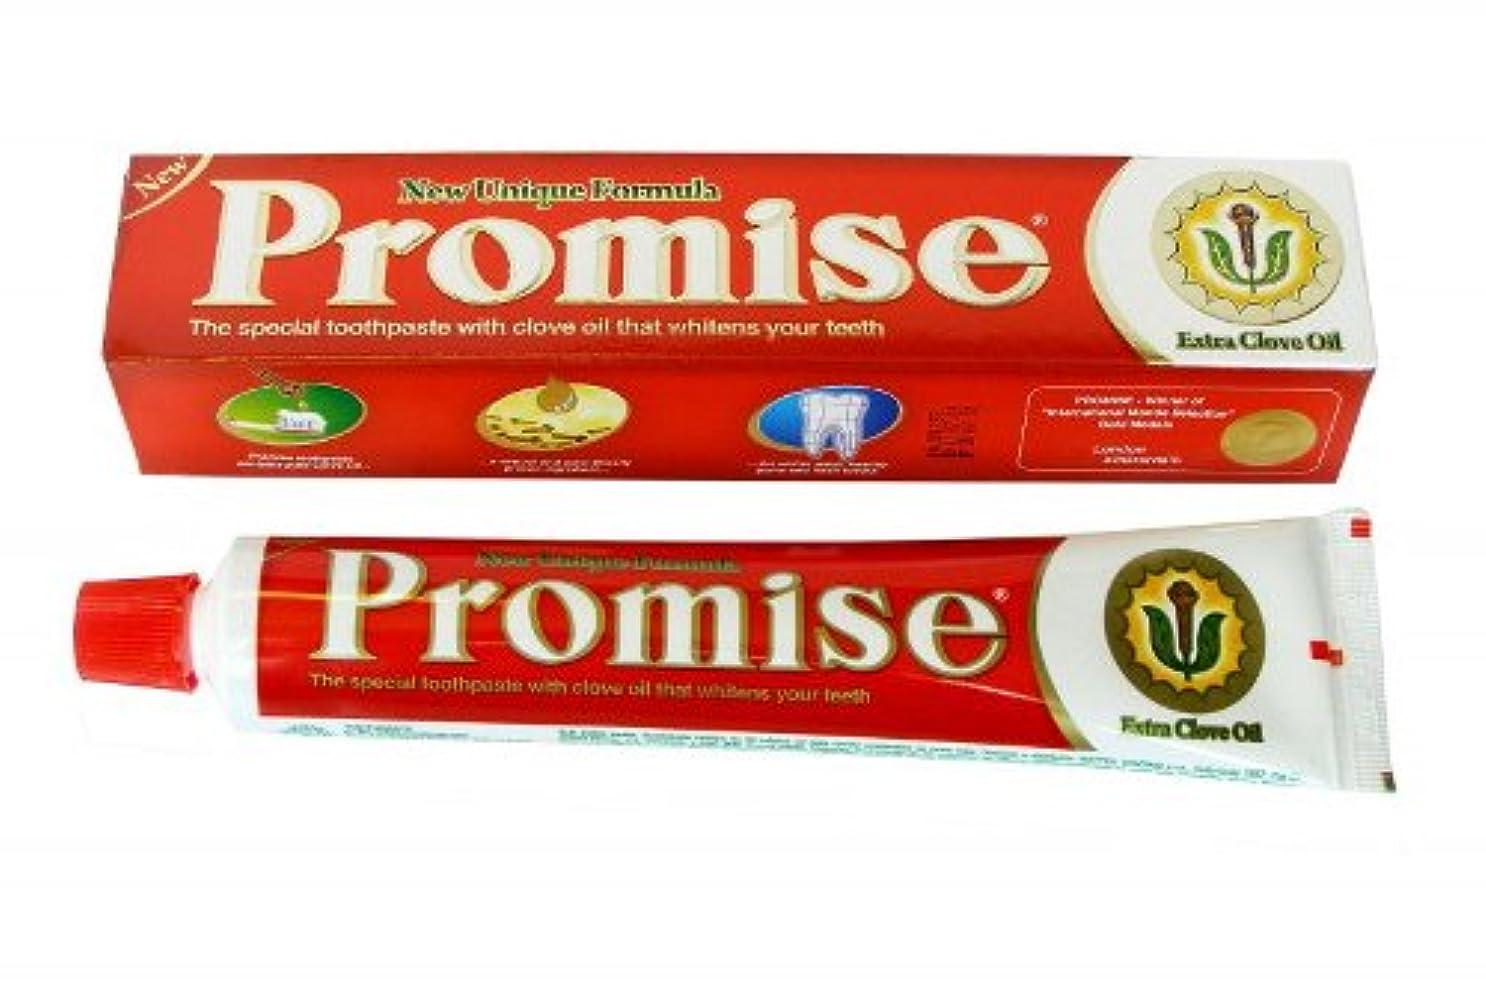 無効にする私たち自身両方Dabur Promise チョコレートオイル入り練り歯磨き 150g 2個 [並行輸入品]